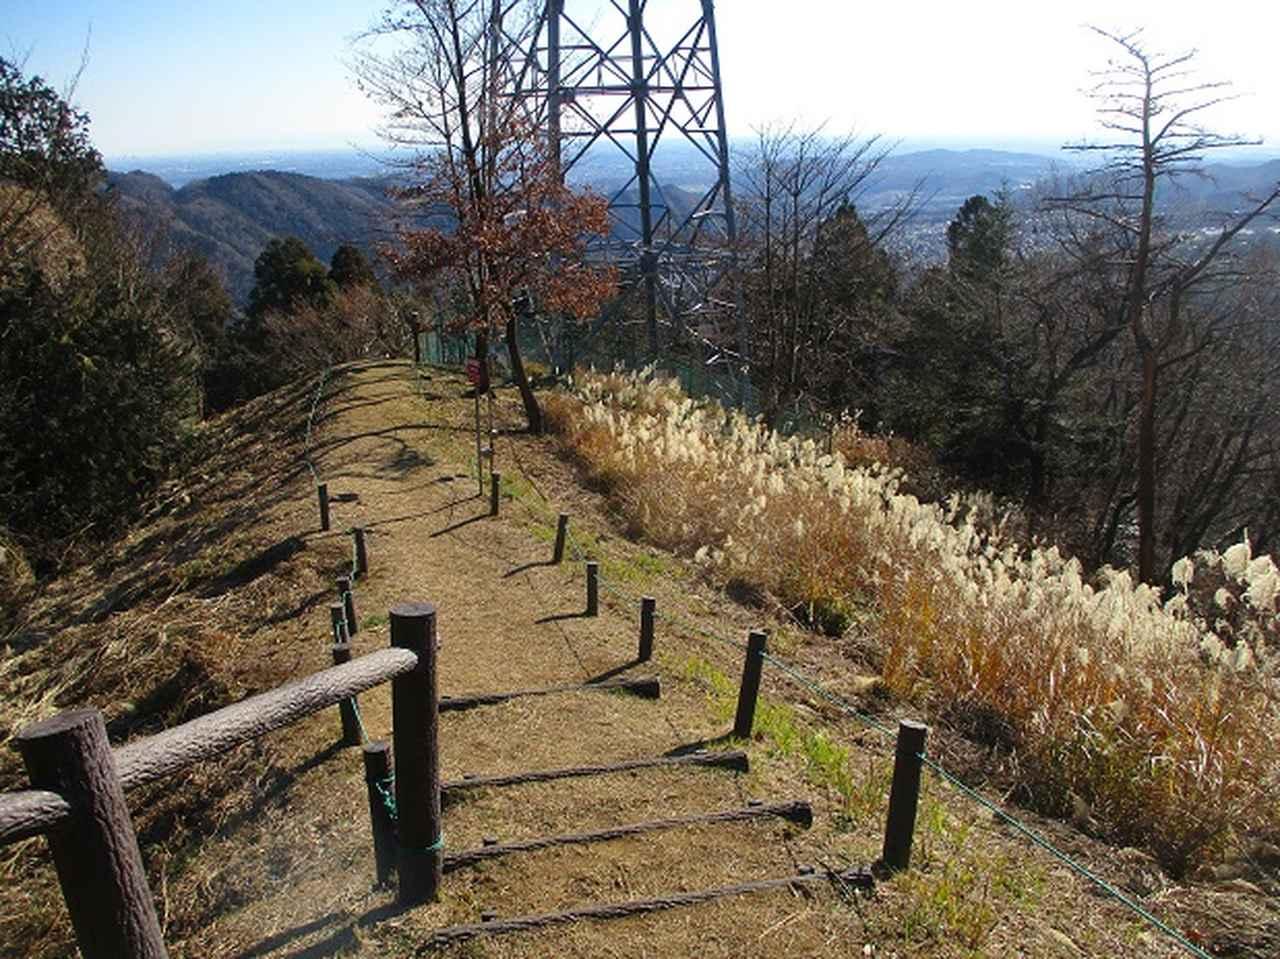 画像9: 1月の山旅会 「丹沢南山」 の下見にいってまいりました!